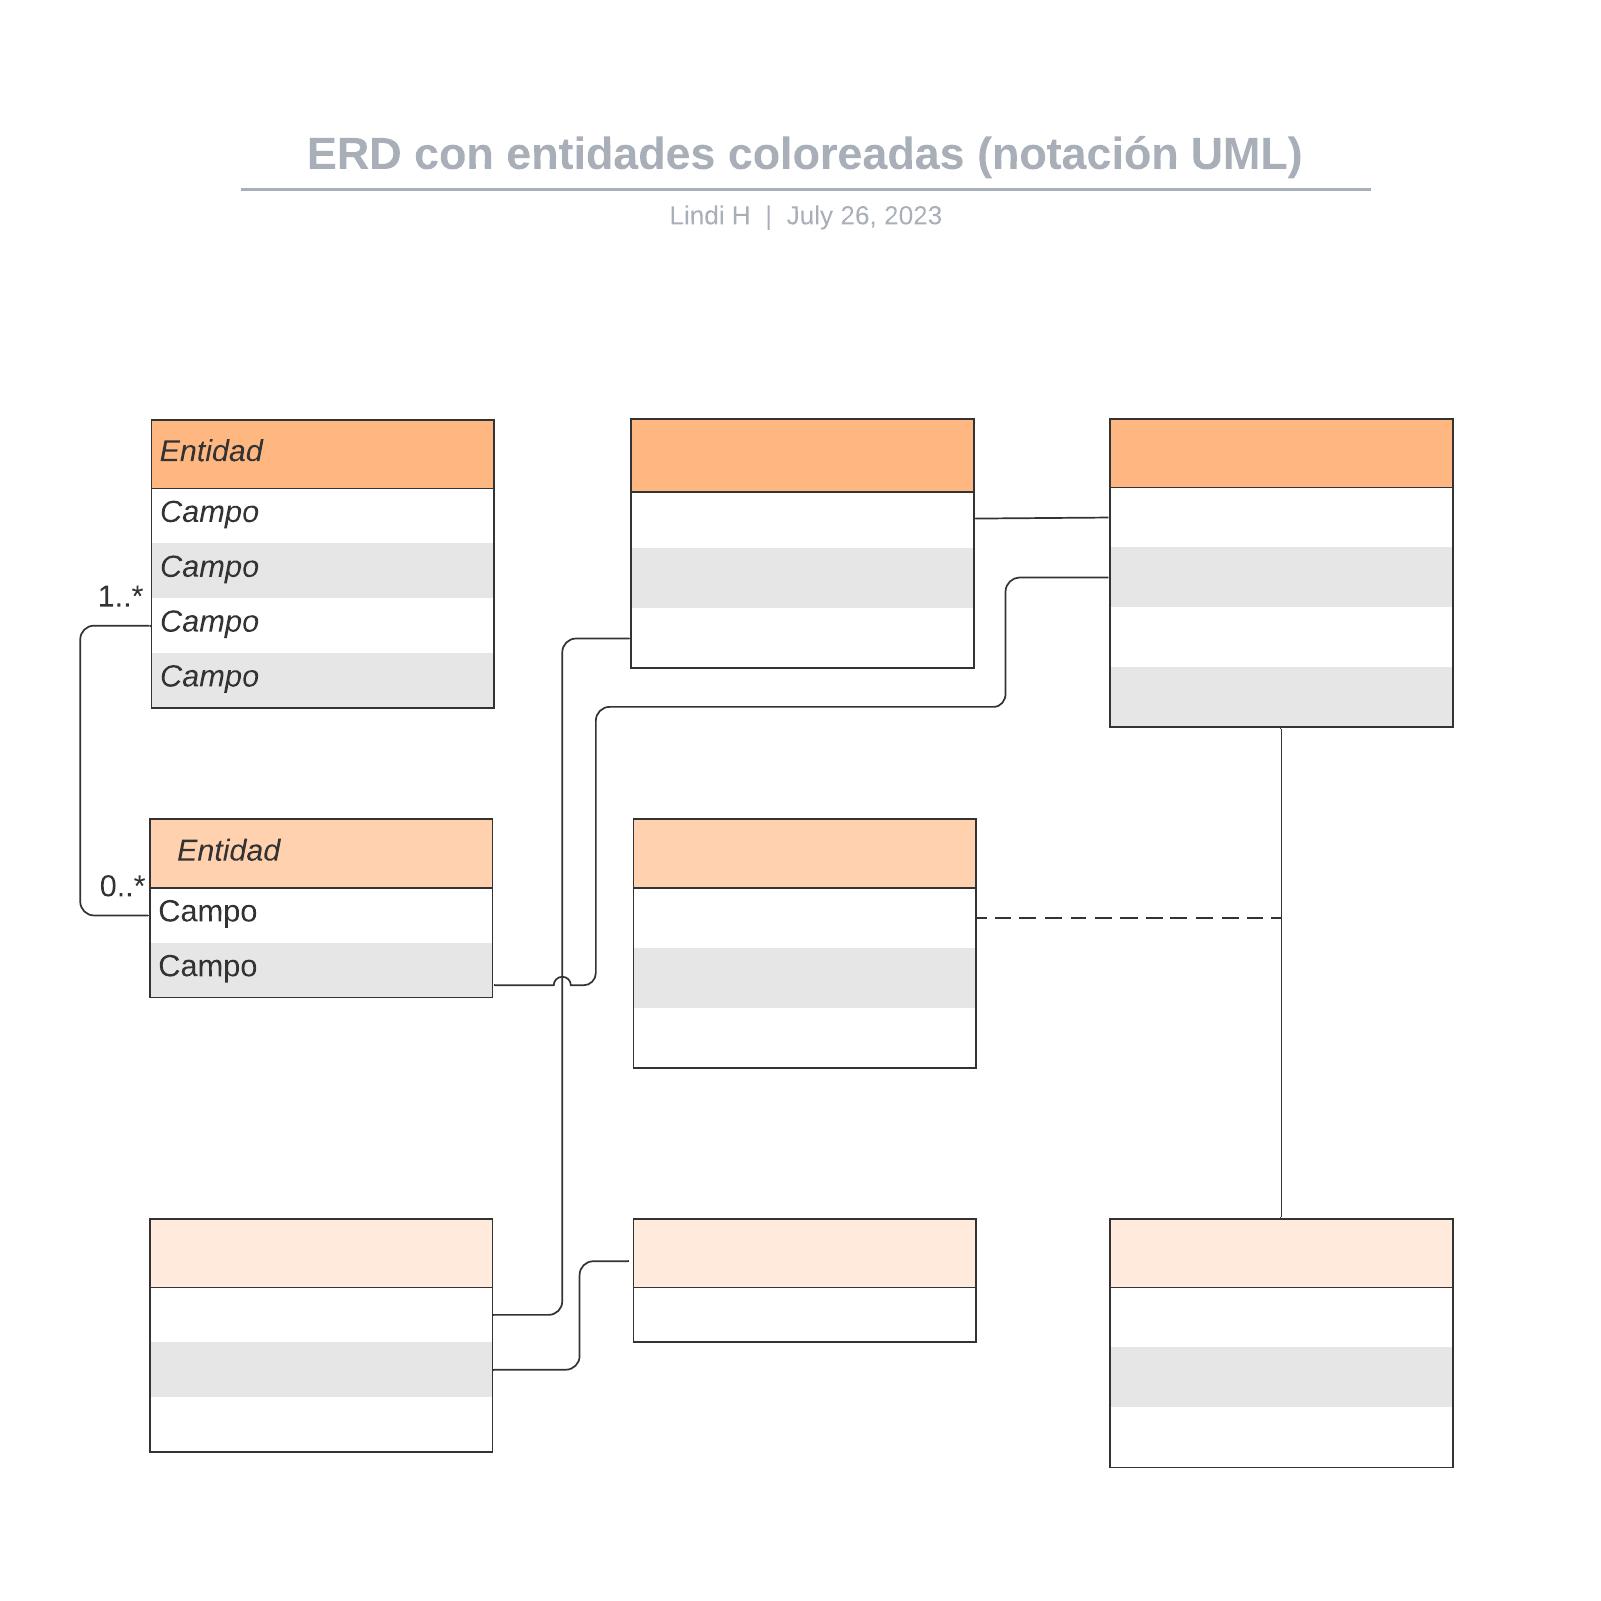 ERD con entidades coloreadas (notación UML)